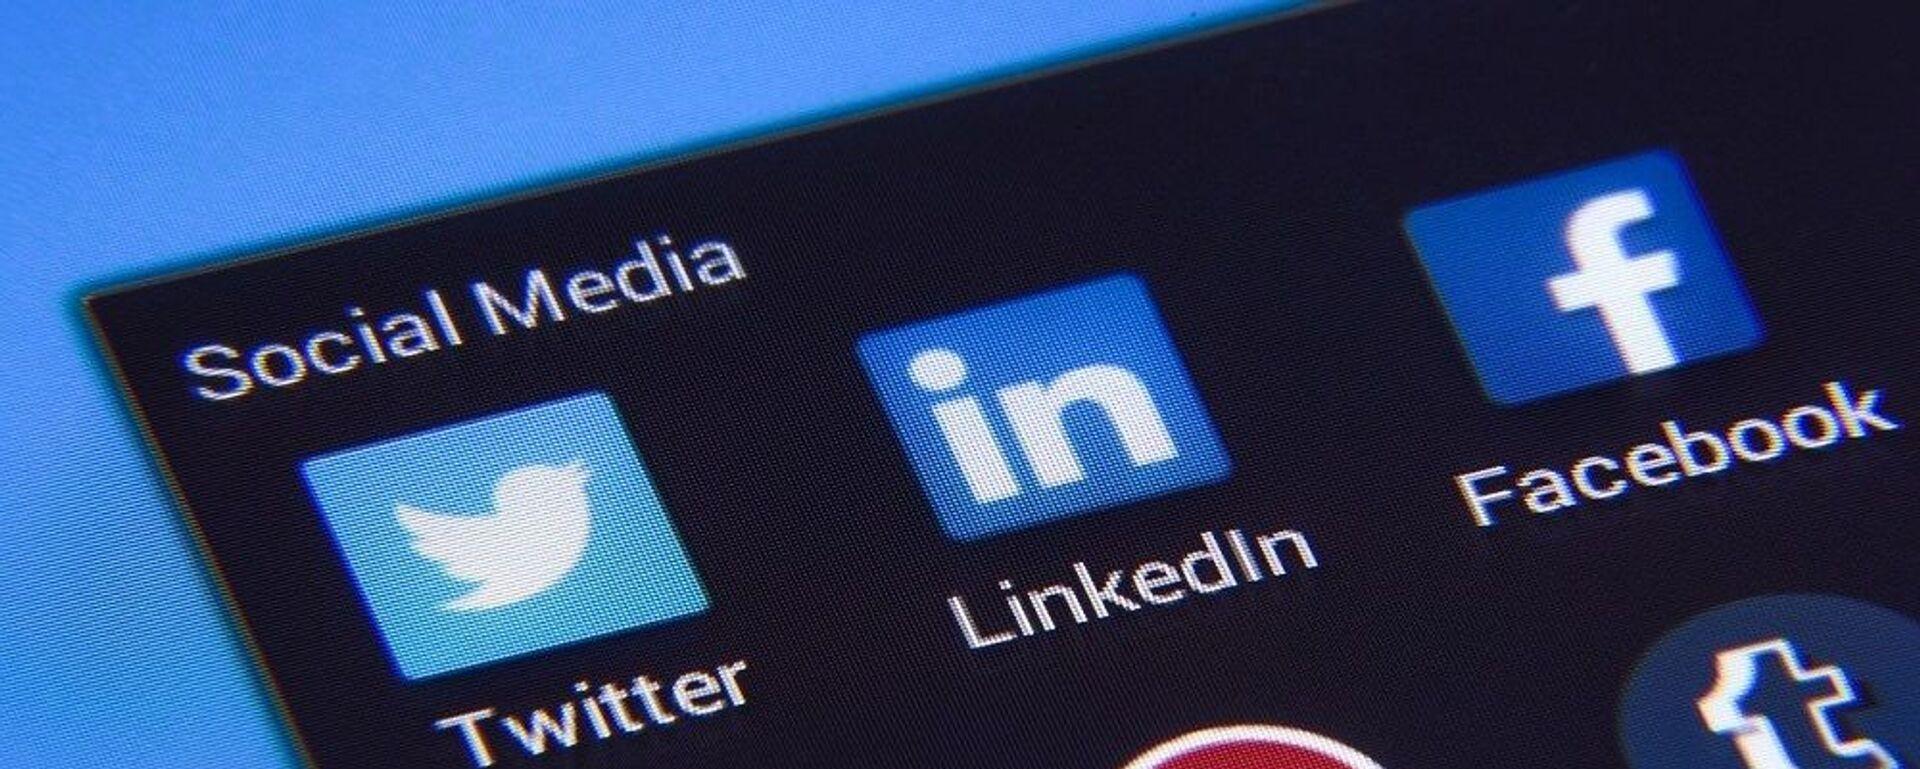 Social Media - Sputnik Ελλάδα, 1920, 02.10.2021